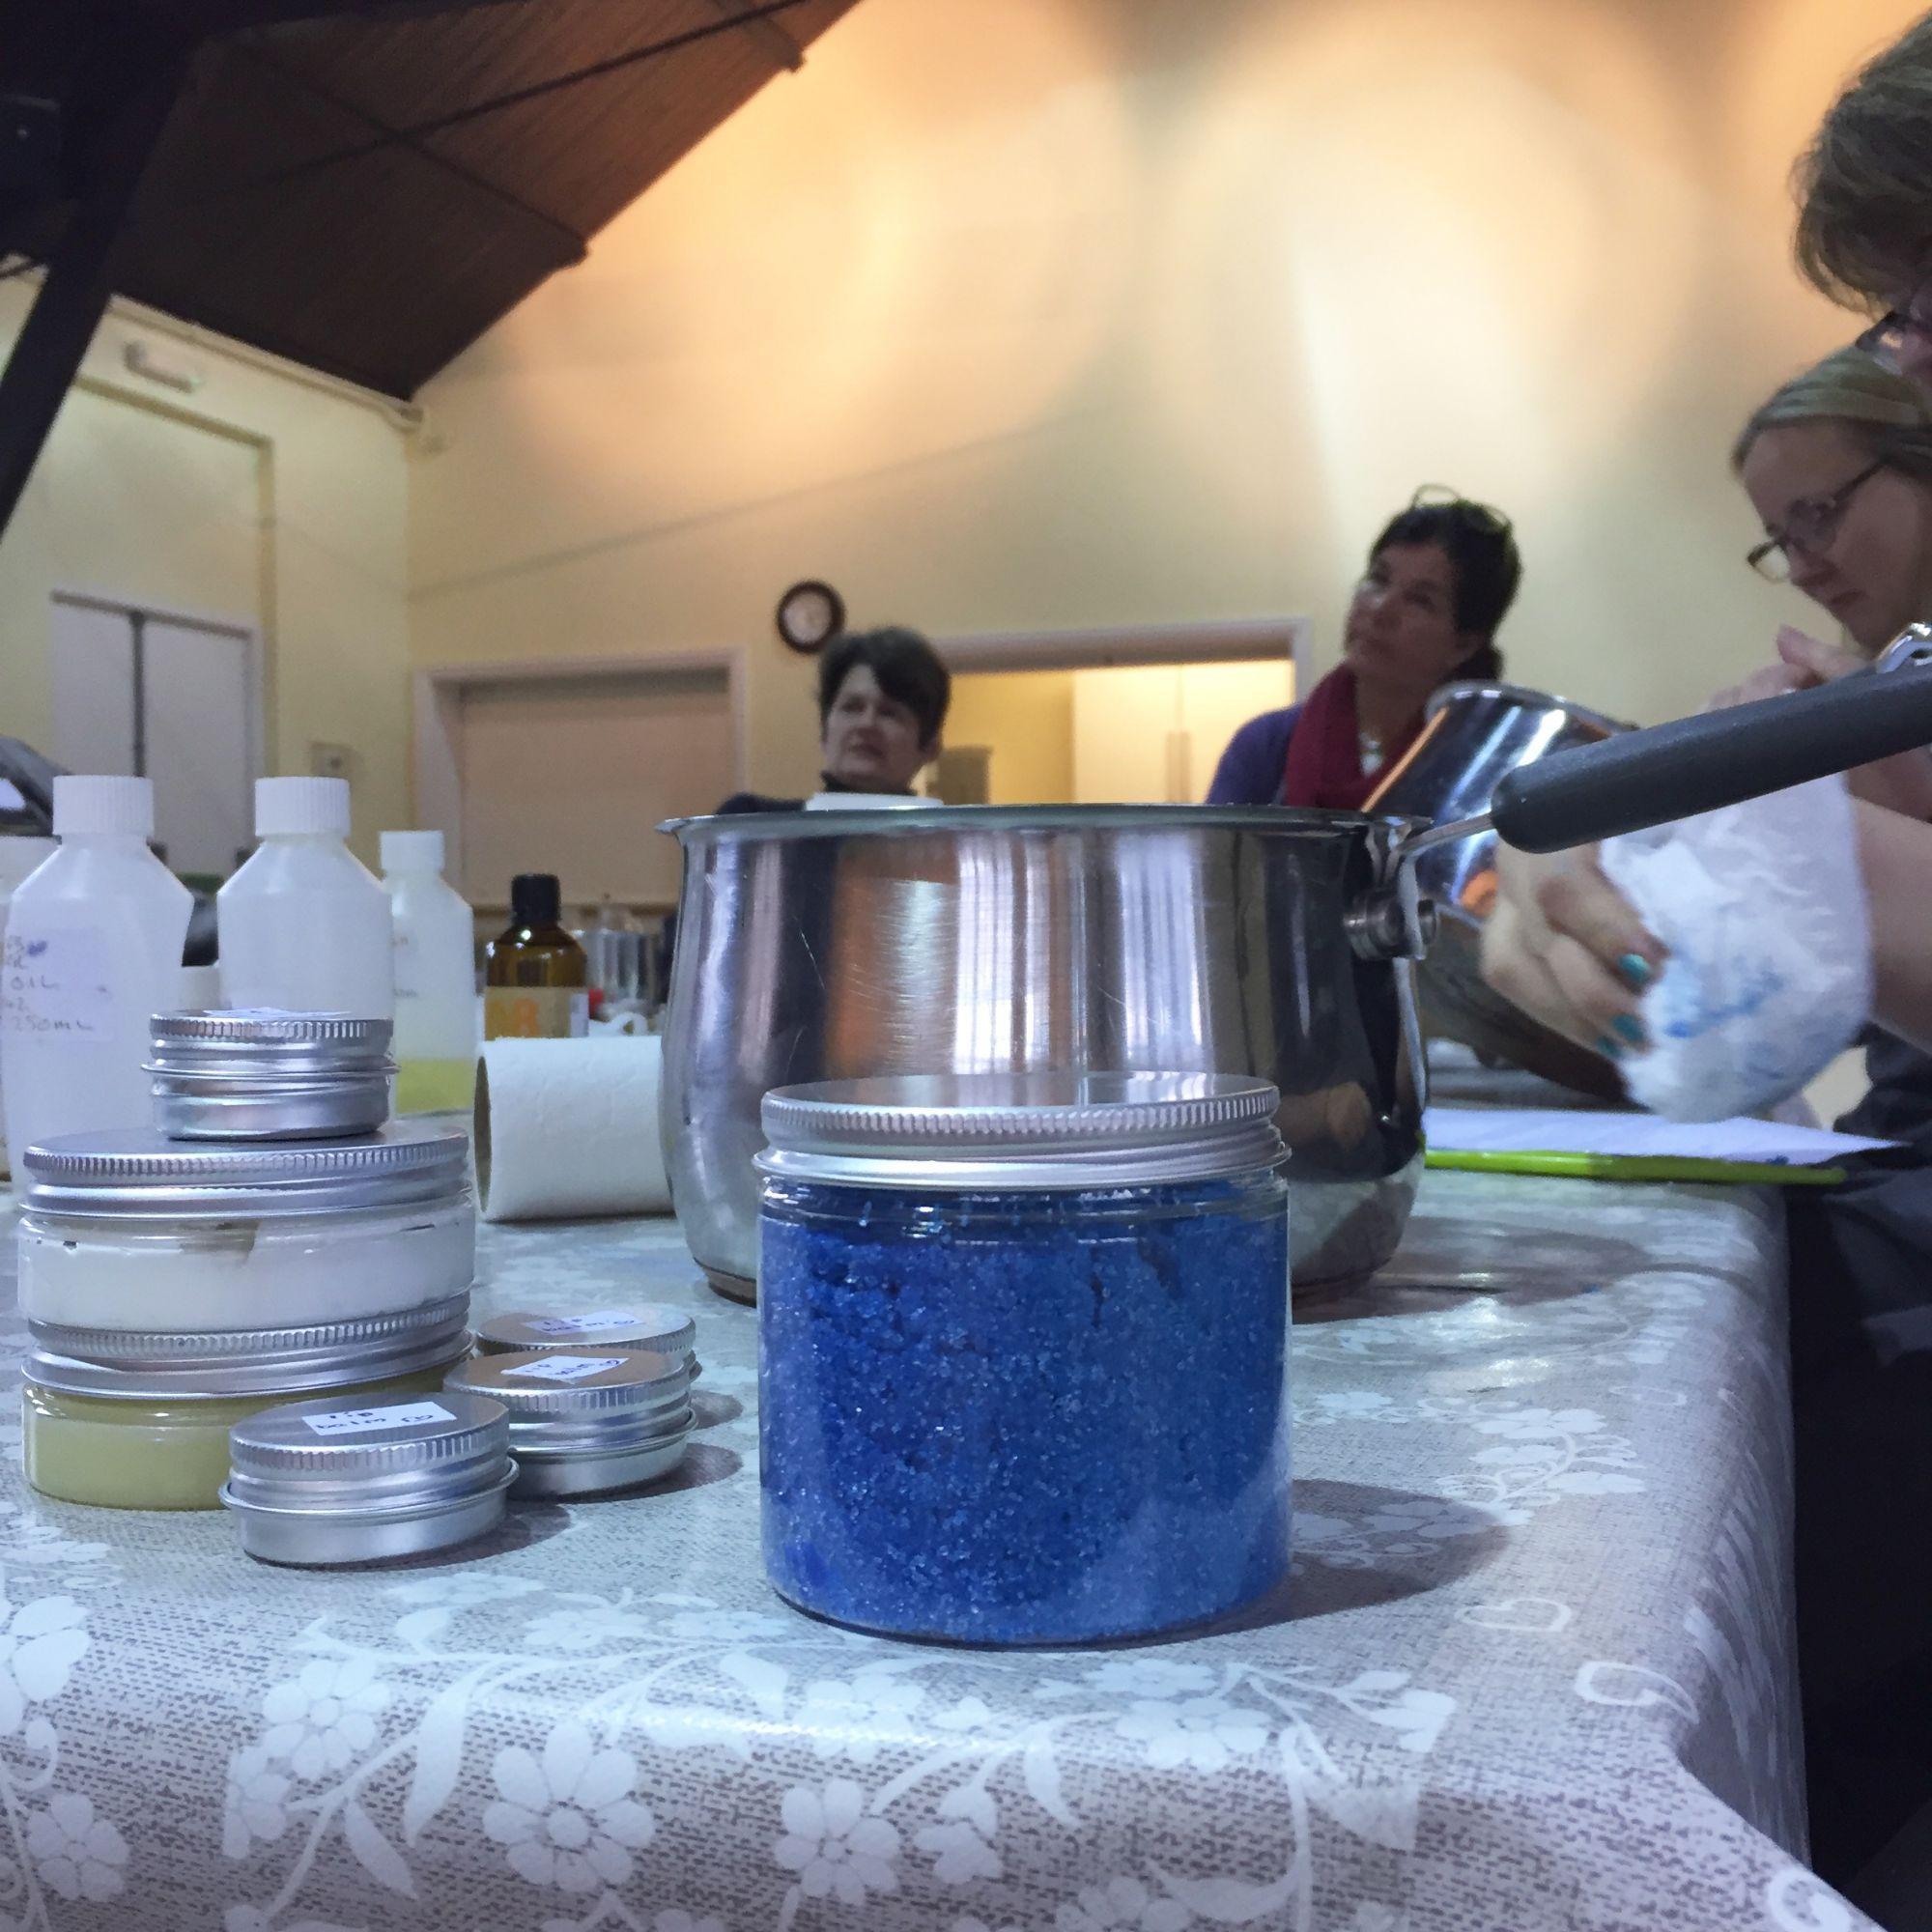 Salves, Soaks and Scubs Workshop - Soaks